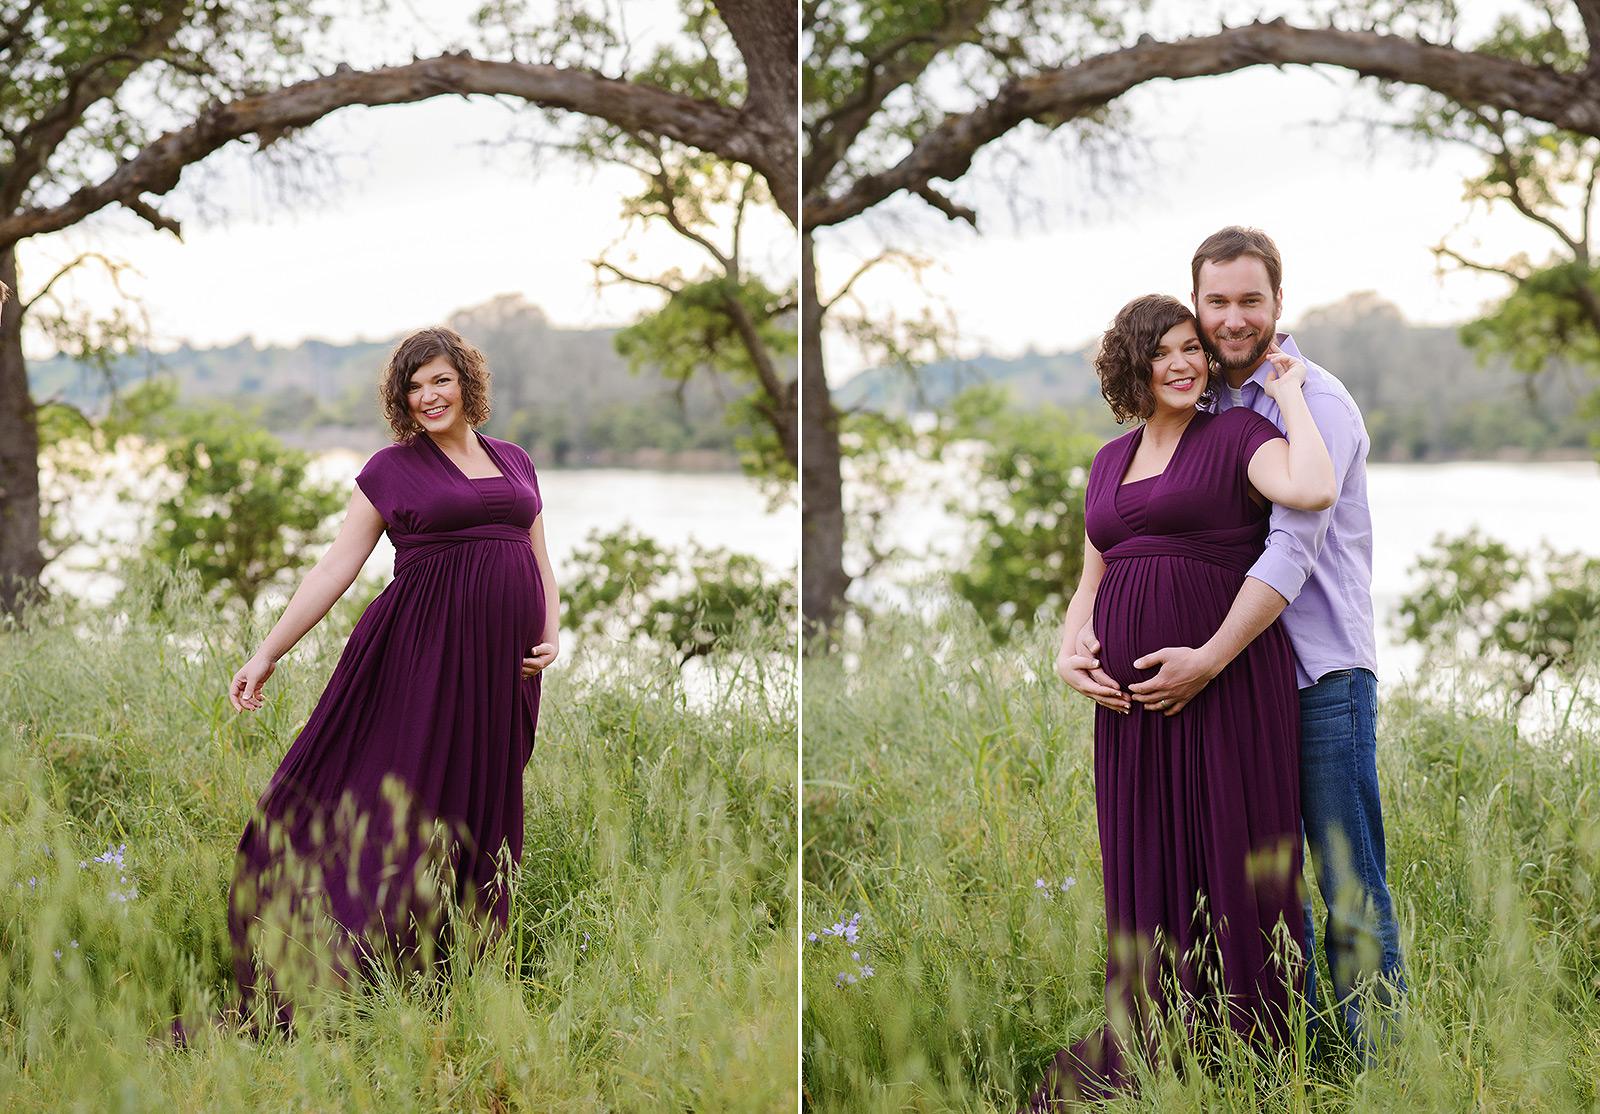 Maternity photos in purple dress in green field in Folsom